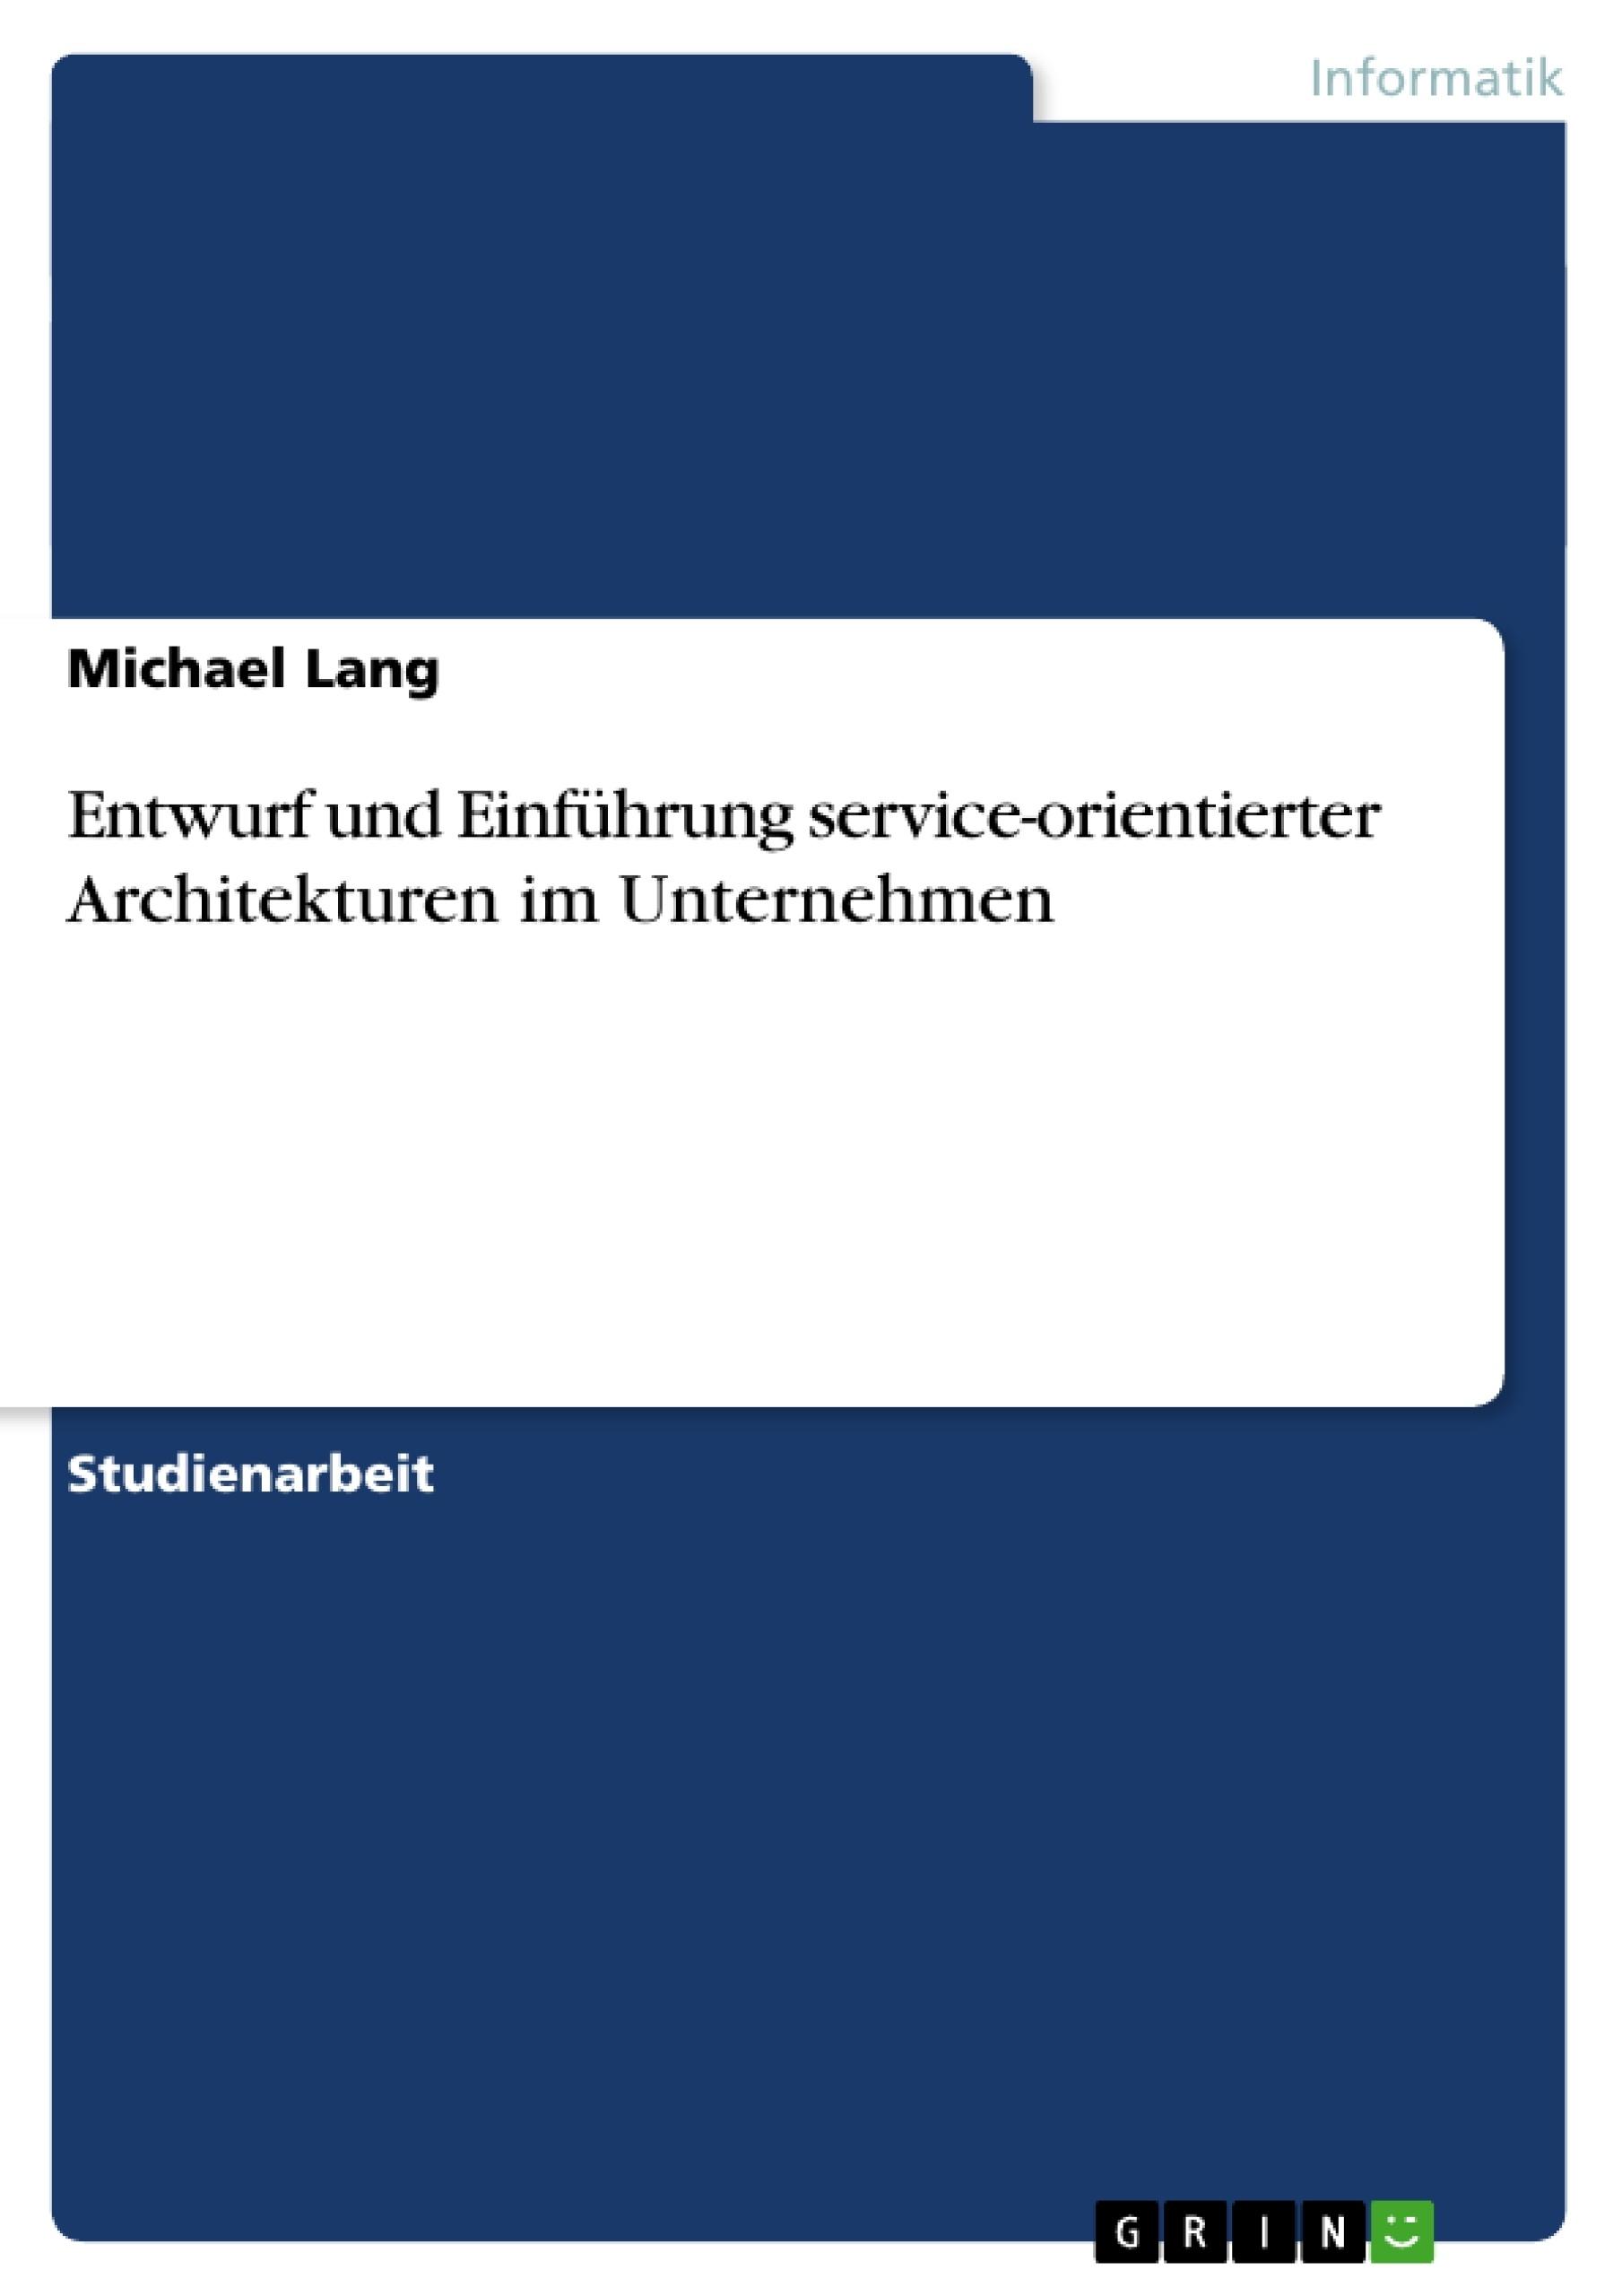 Titel: Entwurf und Einführung service-orientierter Architekturen im Unternehmen